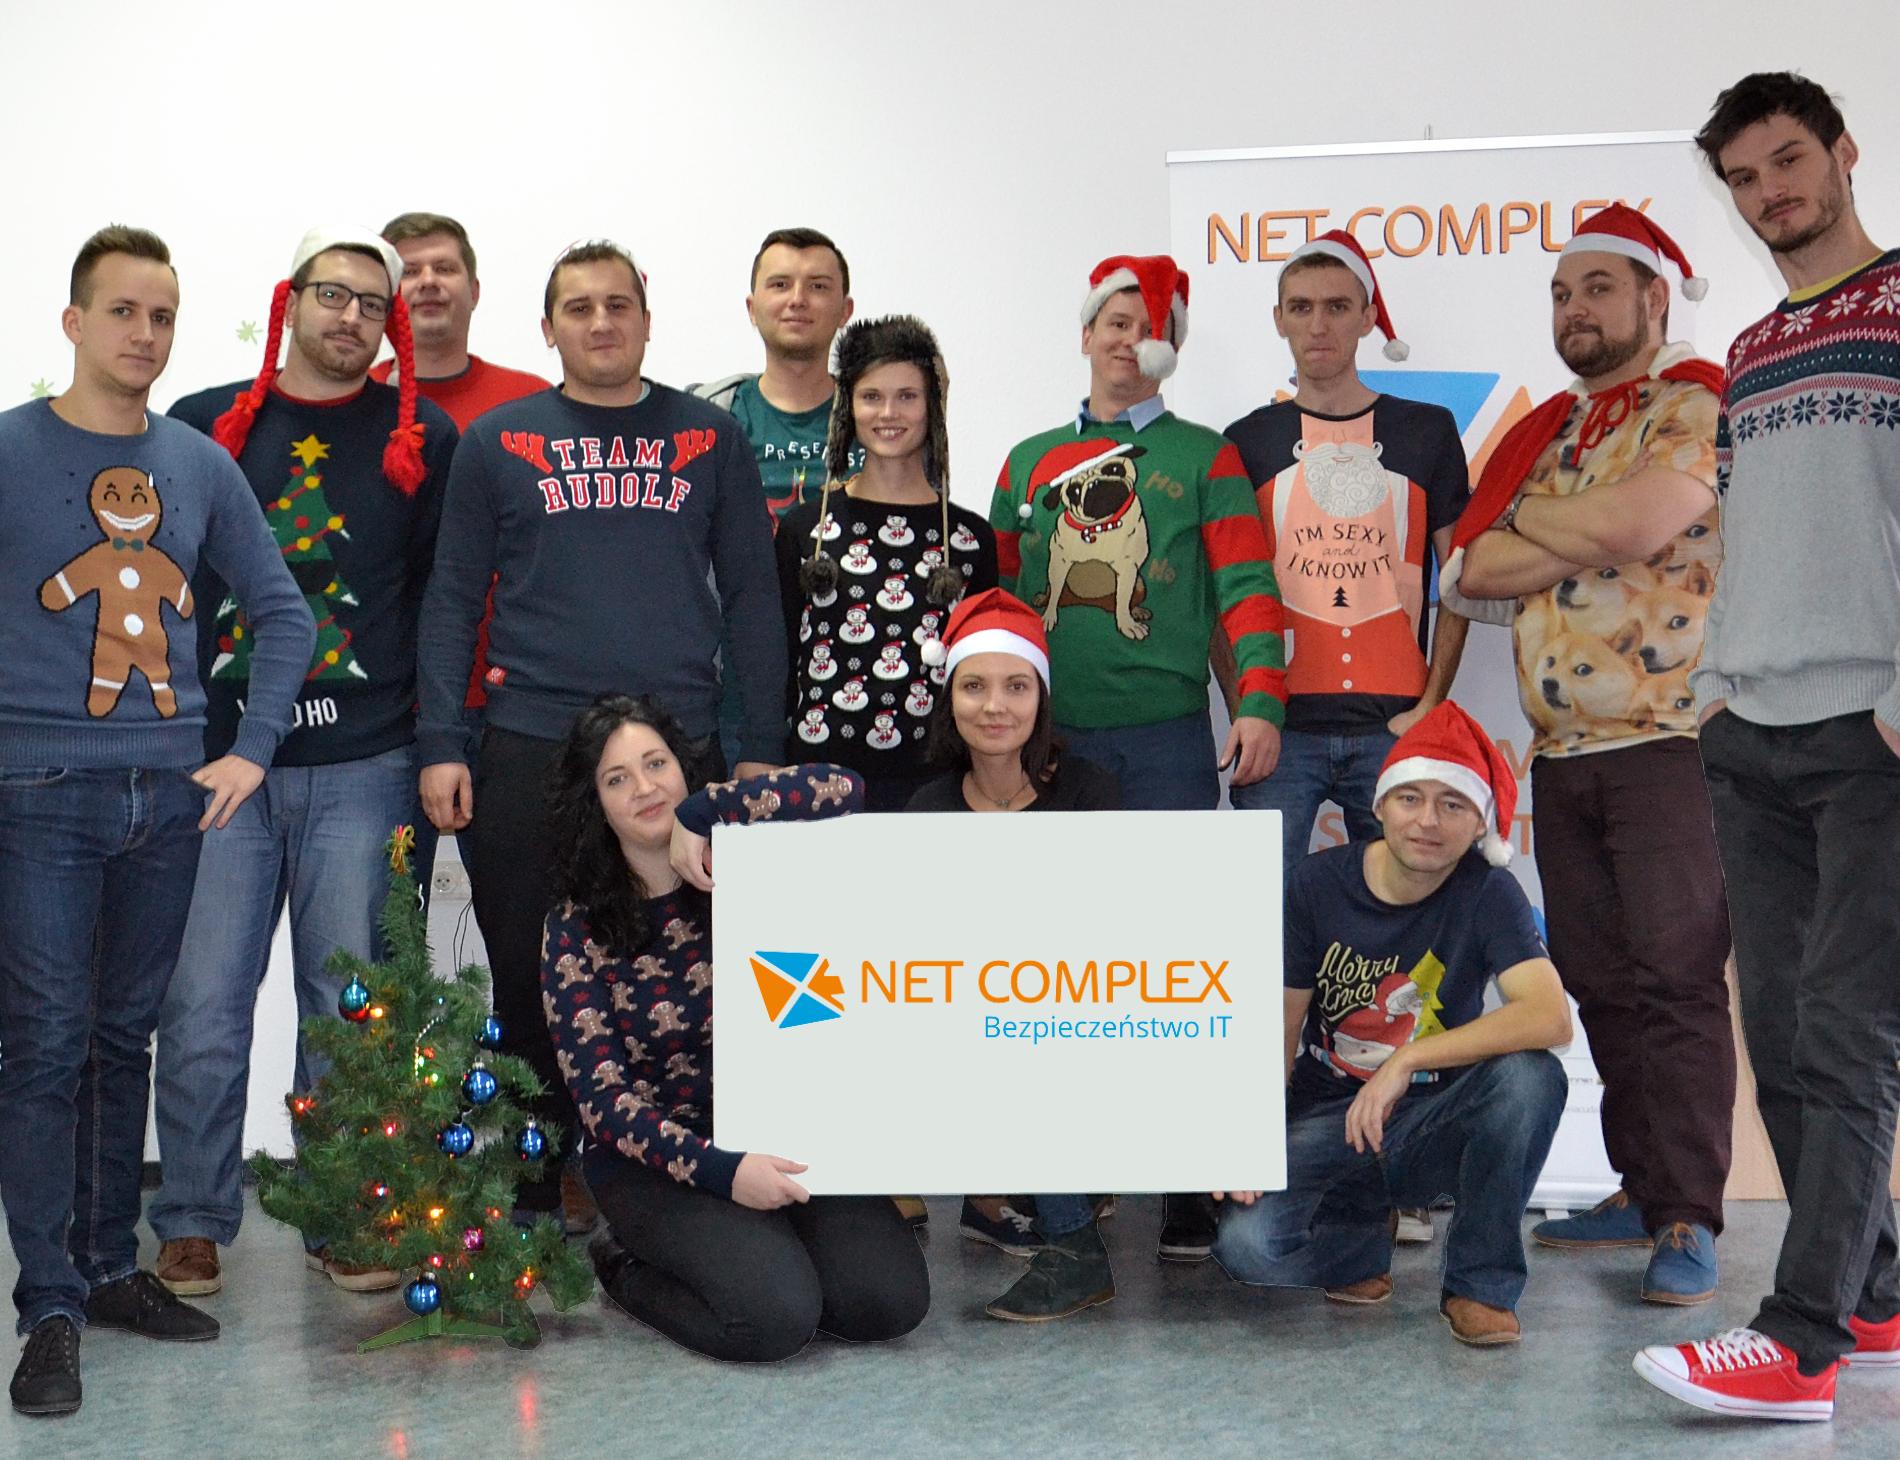 swieta wnetcomplex - Świąteczny Net Complex znajlepszymi życzeniami! - netcomplex